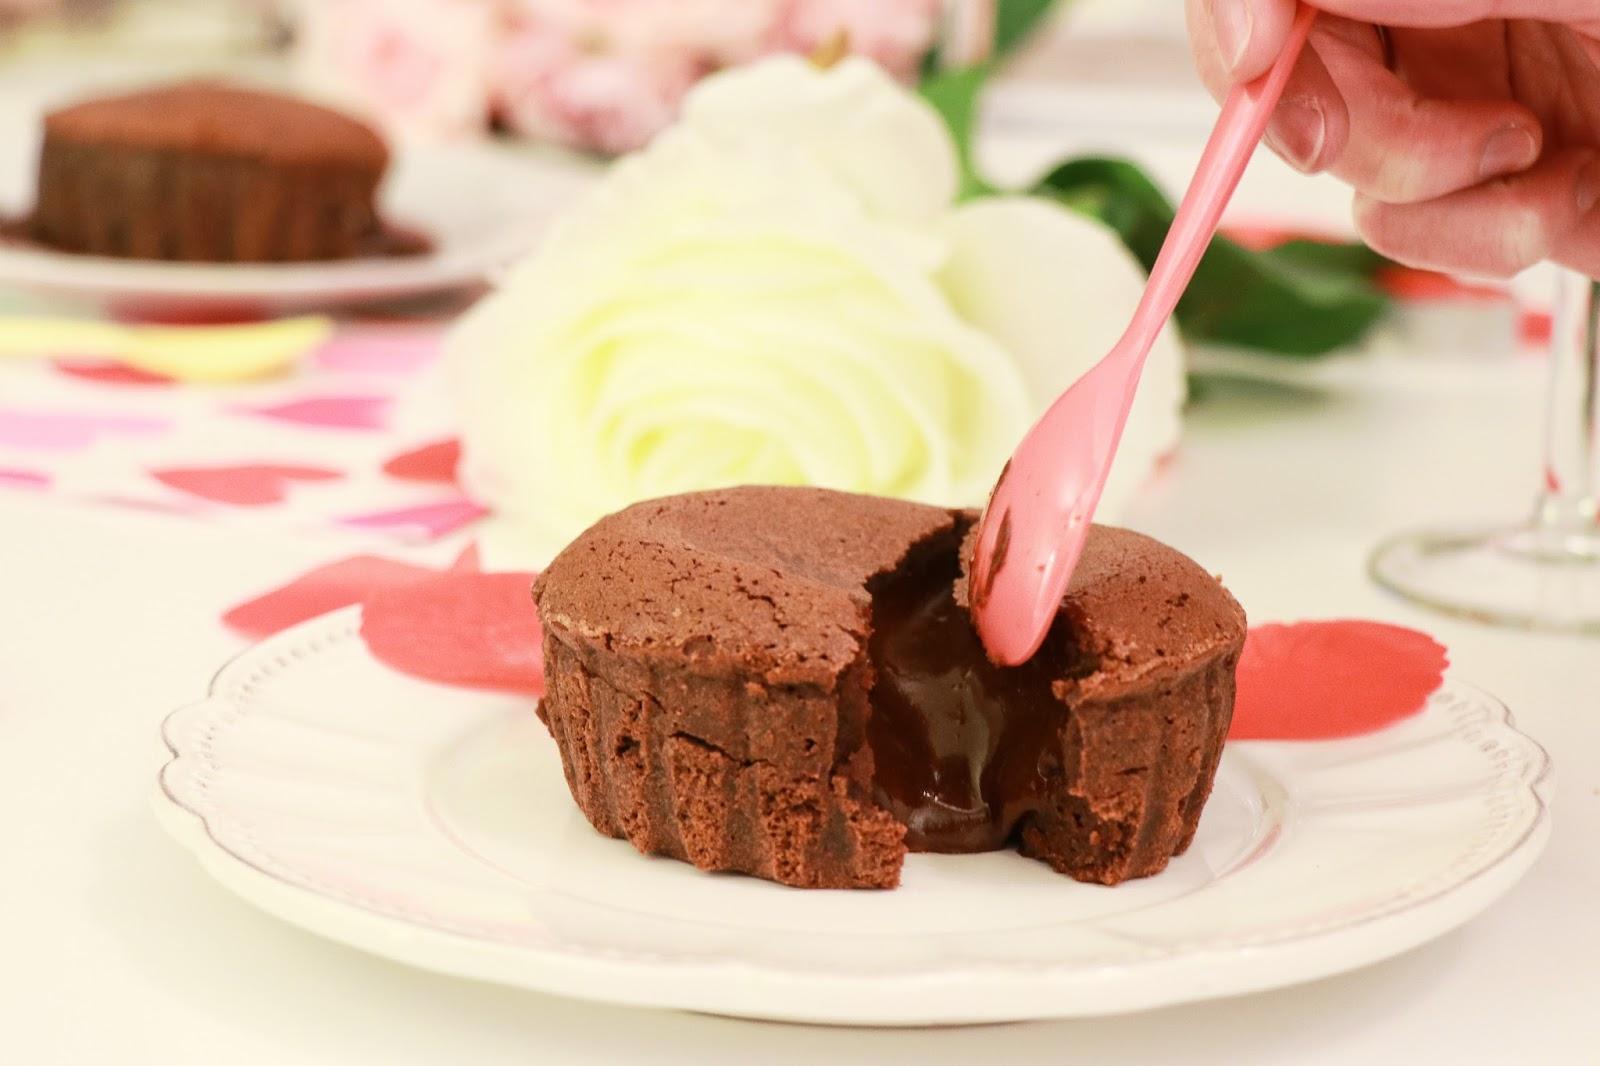 les gommettes de melo repas cook angels avis box food saint valentin moelleux au chocolat